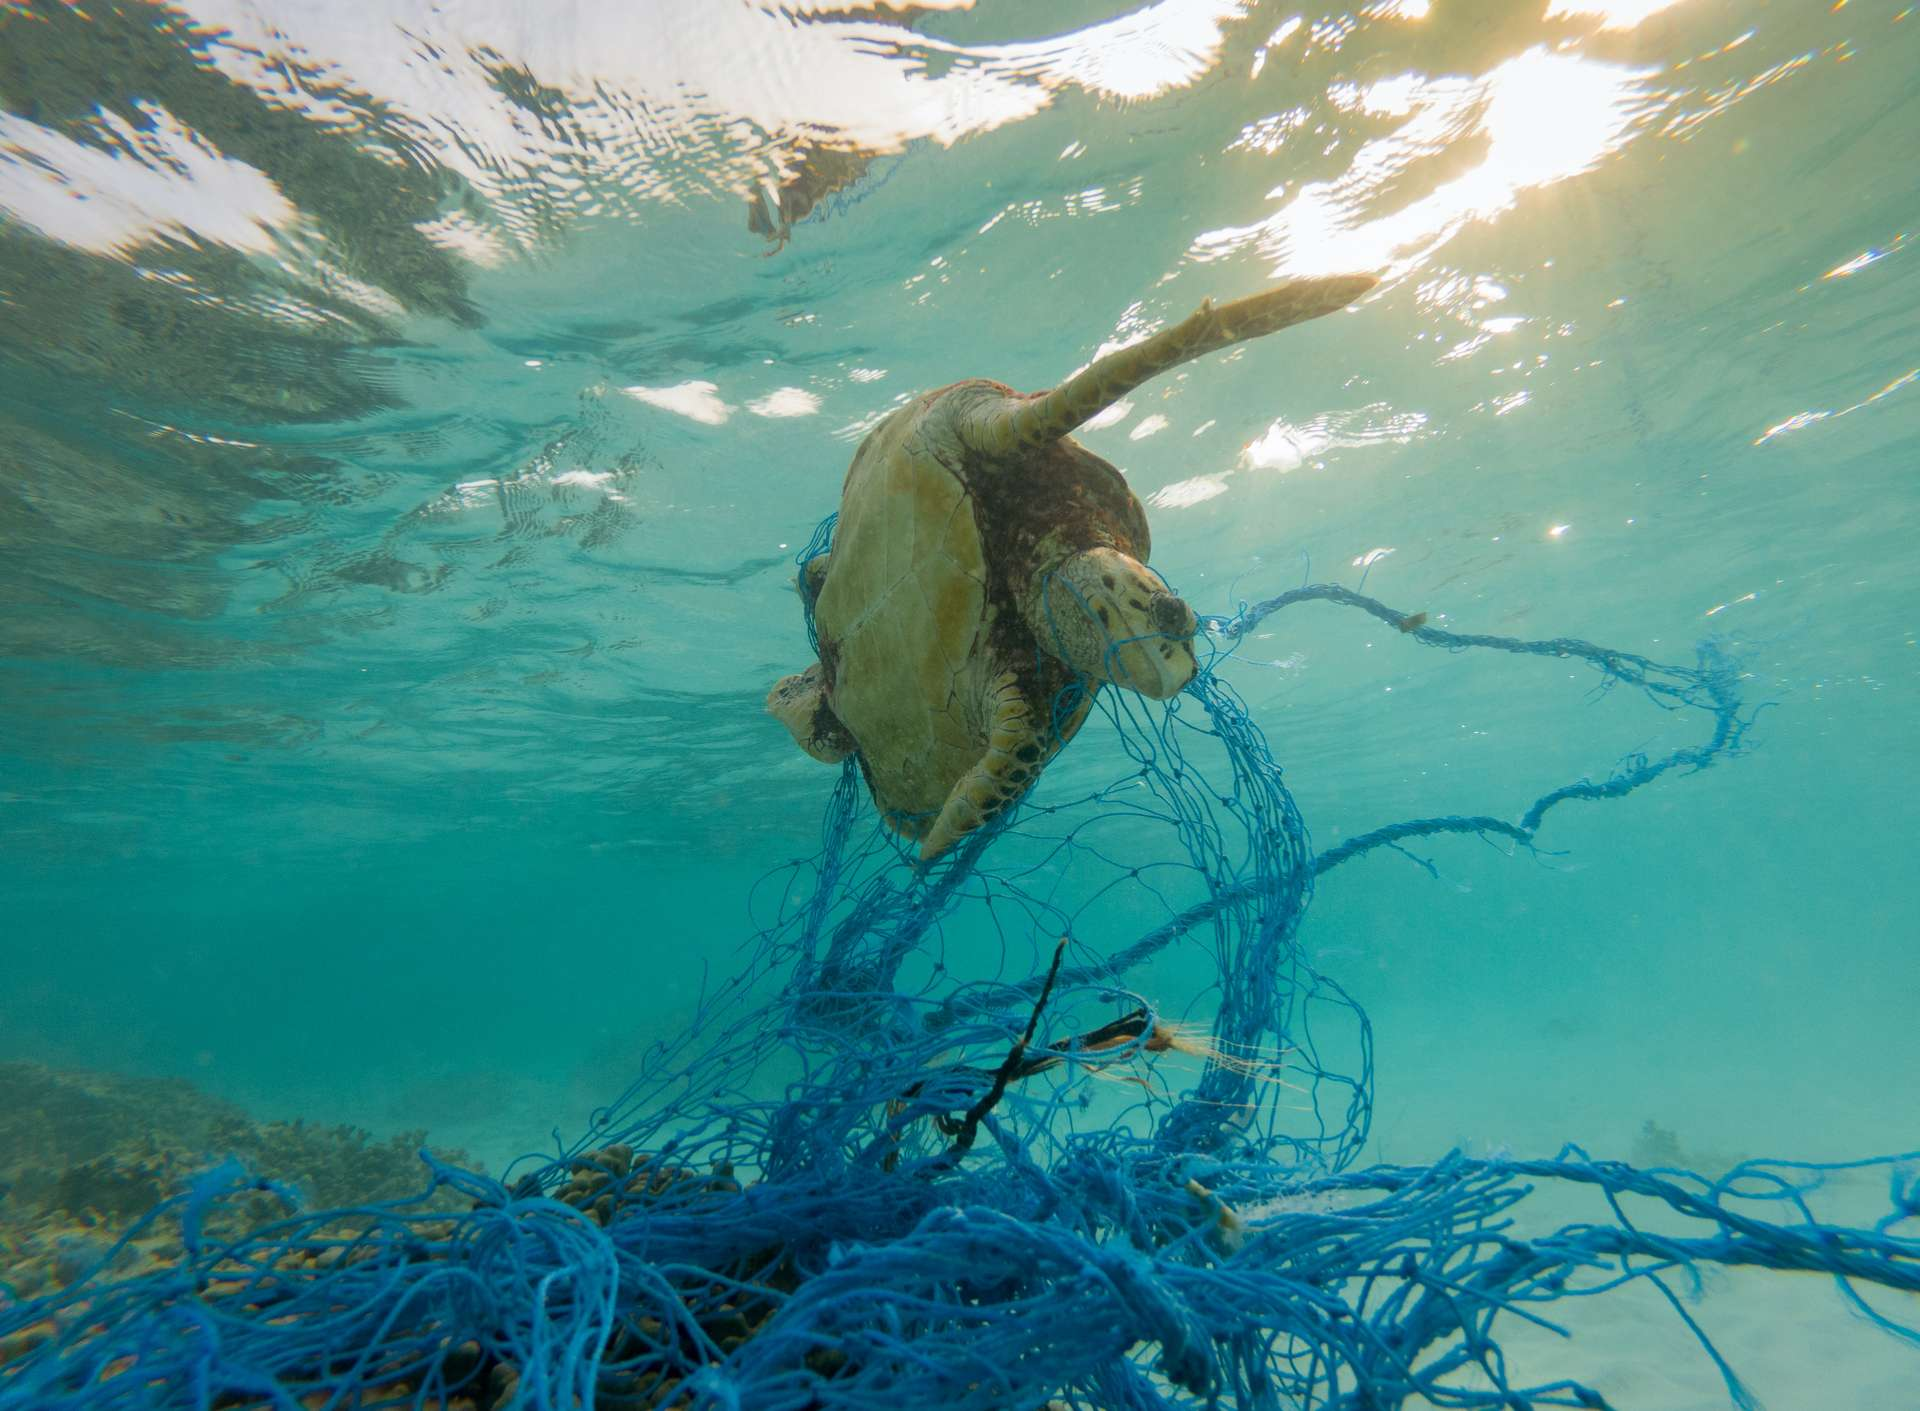 Les filets de pêche abandonnés constituent des pièges mortels pour les animaux marins. © aryfahmed, Adobe Stock